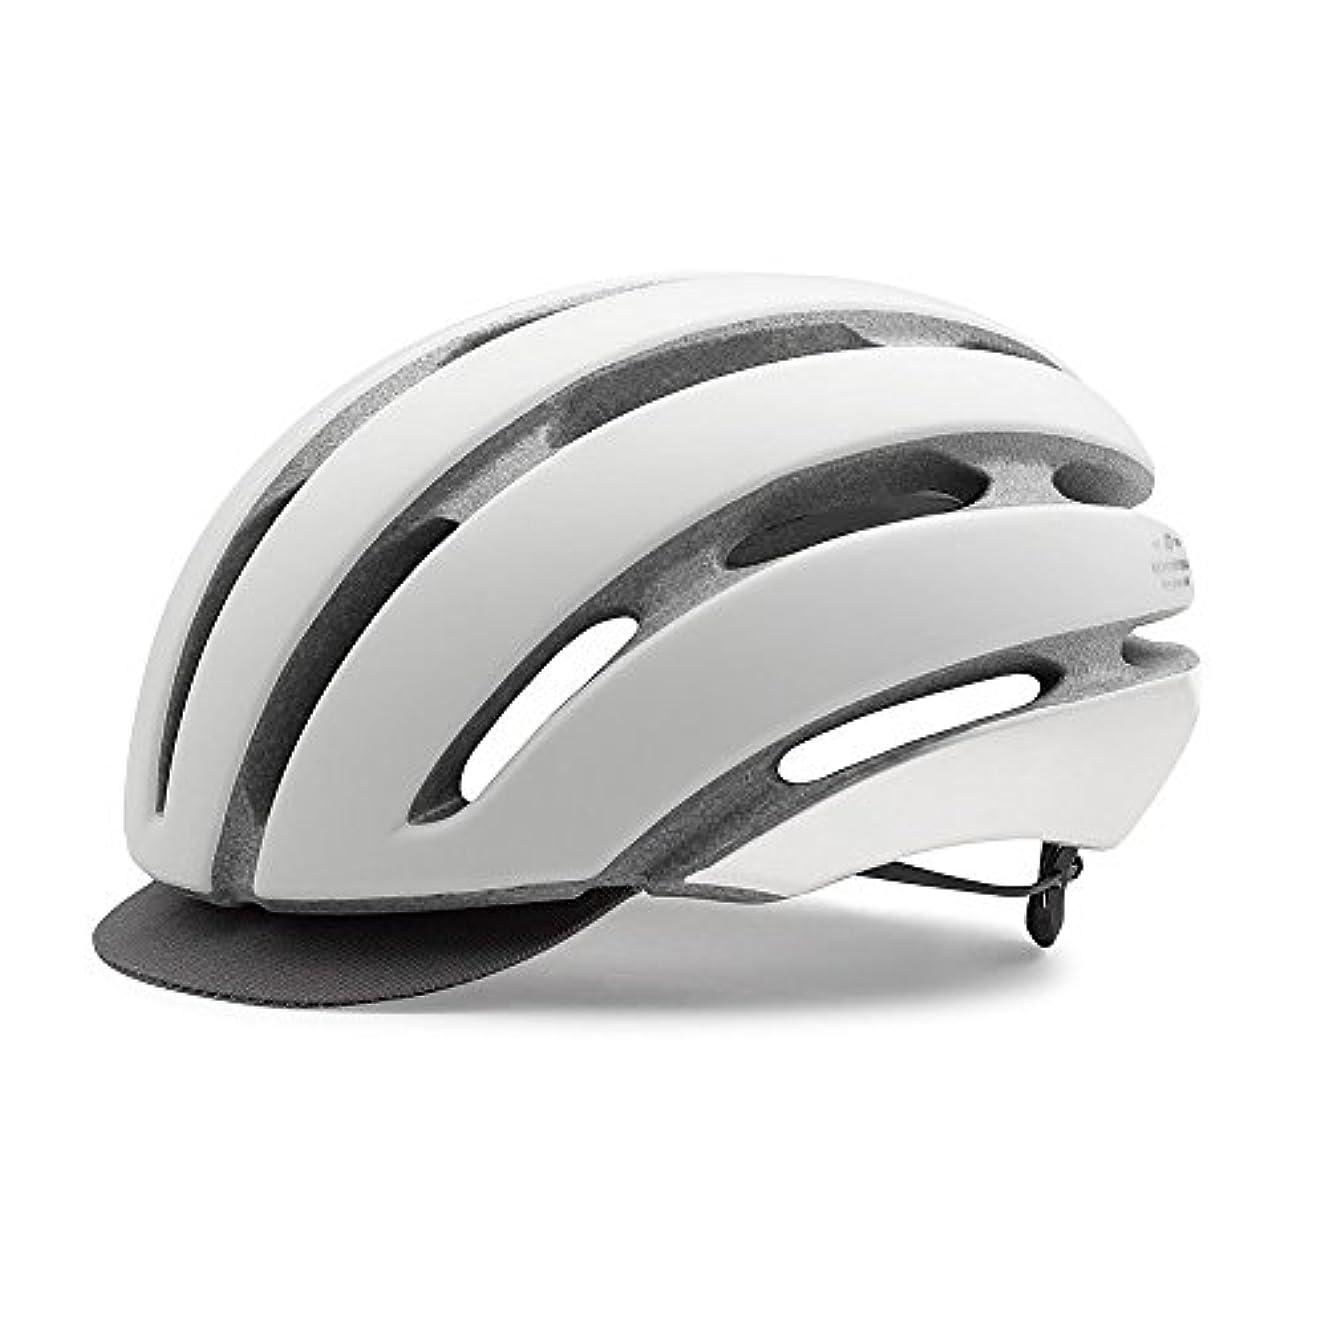 矢頭蓋骨視線GIRO(ジロ) Aspect Helmet アスペクト サイクリング ヘルメット 【並行輸入品】